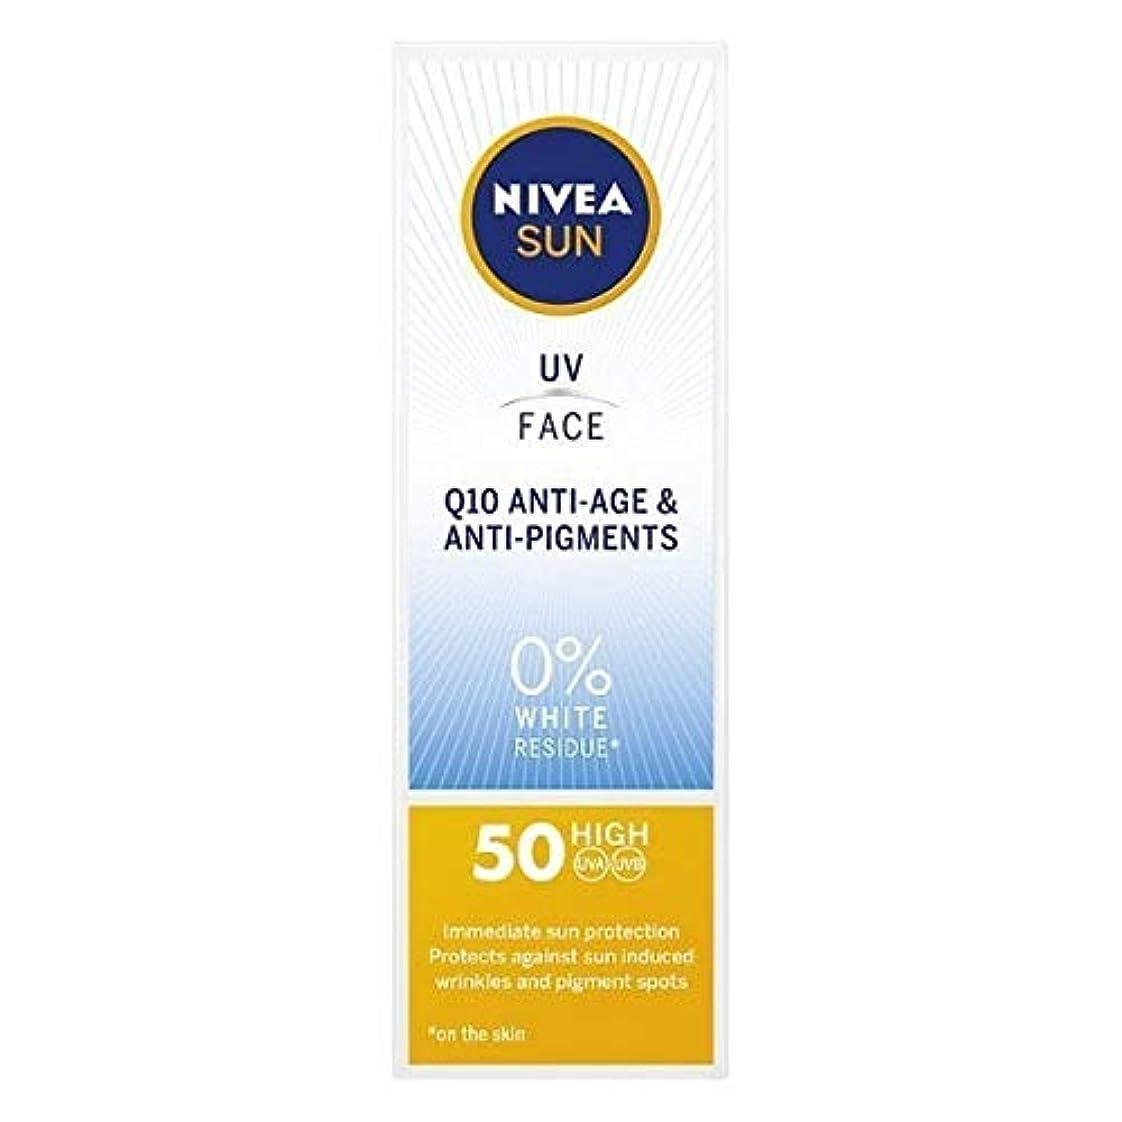 ペチュランス真似る交差点[Nivea ] ニベアサンUvフェイスSpf 50 Q10抗加齢&抗顔料50ミリリットル - NIVEA SUN UV Face SPF 50 Q10 Anti-Age & Anti-Pigments 50ml [並行輸入品]